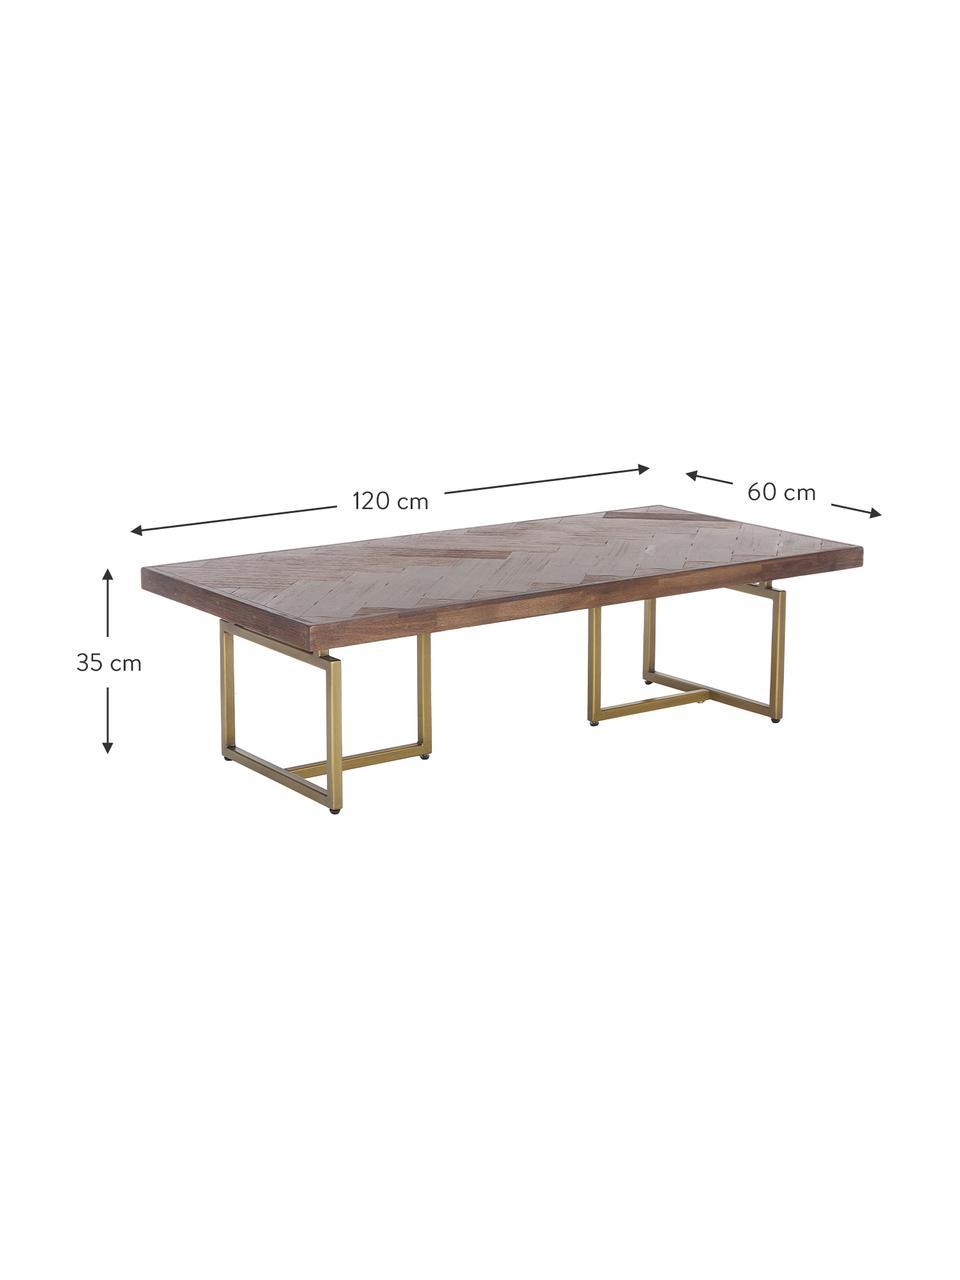 Visgraat salontafel Class met acaciahout, Tafelblad: MDF met acaciahout fineer, Poten: zacht staal met messing c, Bruin, 120 x 35 cm